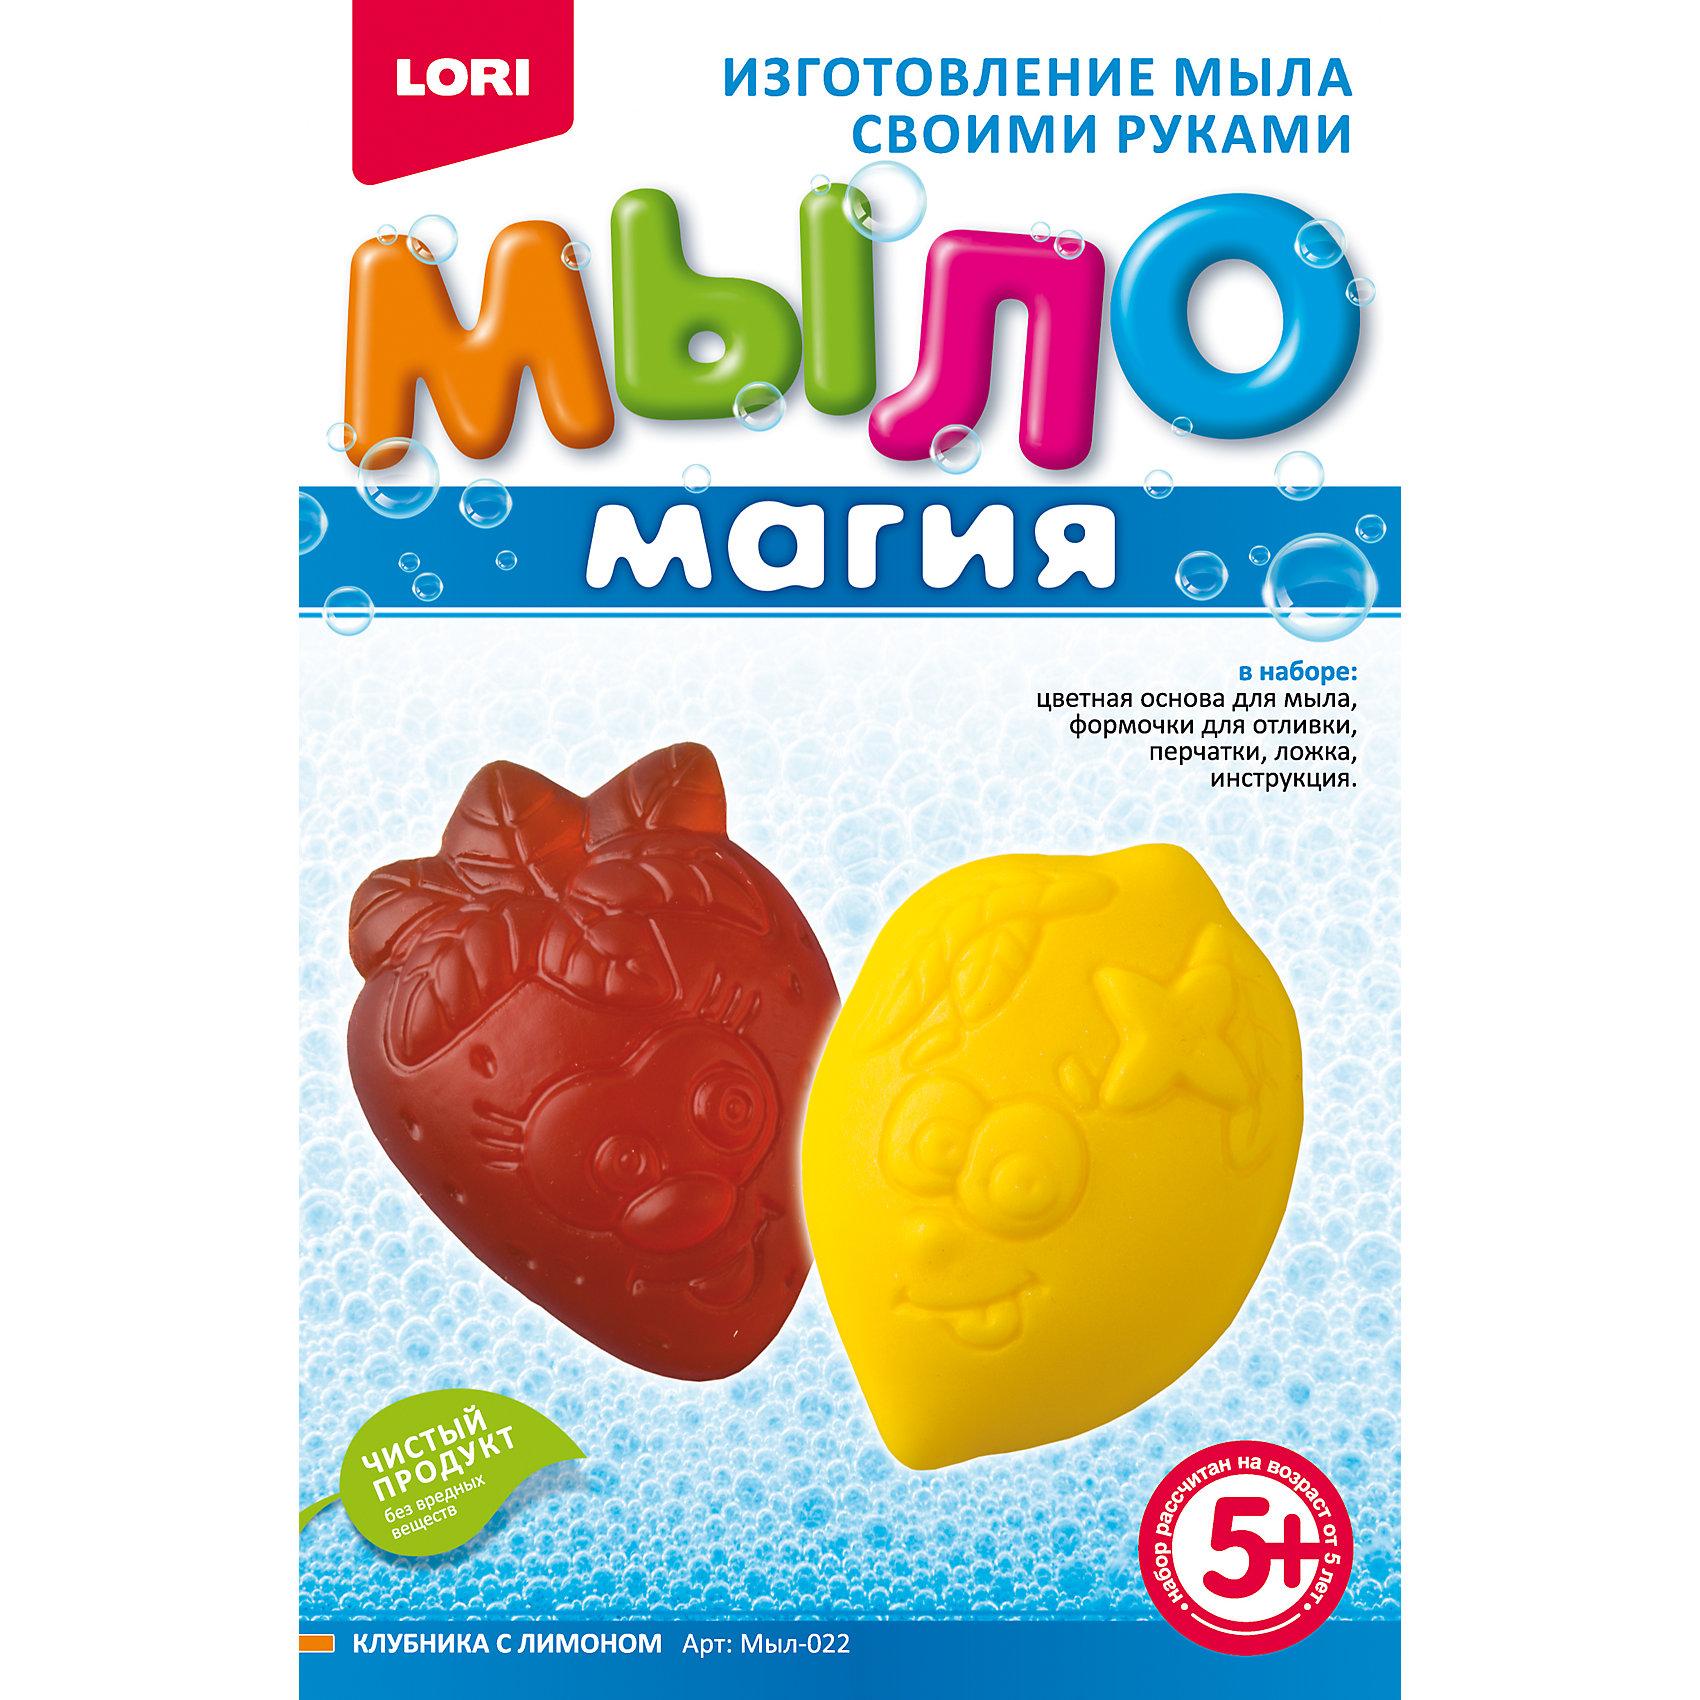 МылоМагия Клубника с лимономНаборы для создания мыла<br>Характеристики товара:<br><br>• цвет: разноцветный<br>• размер упаковки: 20х14х4 см<br>• вес: 160 г<br>• комплектация: основа для мыла, емкость для растапливания, 2 формы для заливки мыльного раствора, пищевой краситель, пипетка, перчатки, ложка инструкция<br>• возраст: от пяти лет<br>• страна бренда: РФ<br>• страна изготовитель: РФ<br><br>Этот набор для творчества станет отличным подарком ребенку - ведь с помощью него можно получить красивое мыло! В набор входит основа для мыла, емкость для растапливания, 2 формы для заливки мыльного раствора, пищевой краситель, пипетка, перчатки, ложка инструкция. Чтобы получить мыло, ребенку нужно следовать указаниям инструкции. В итоге получается полезная вещь или подарок родным.<br>Детям очень нравится что-то делать своими руками! Кроме того, творчество помогает детям развивать важные навыки и способности, оно активизирует мышление, формирует усидчивость, творческие способности, мелкую моторику и воображение. Изделие производится из качественных и проверенных материалов, которые безопасны для детей.<br><br>Набор МылоМагия Клубника с лимоном от бренда LORI можно купить в нашем интернет-магазине.<br><br>Ширина мм: 208<br>Глубина мм: 135<br>Высота мм: 40<br>Вес г: 163<br>Возраст от месяцев: 60<br>Возраст до месяцев: 108<br>Пол: Унисекс<br>Возраст: Детский<br>SKU: 5154886